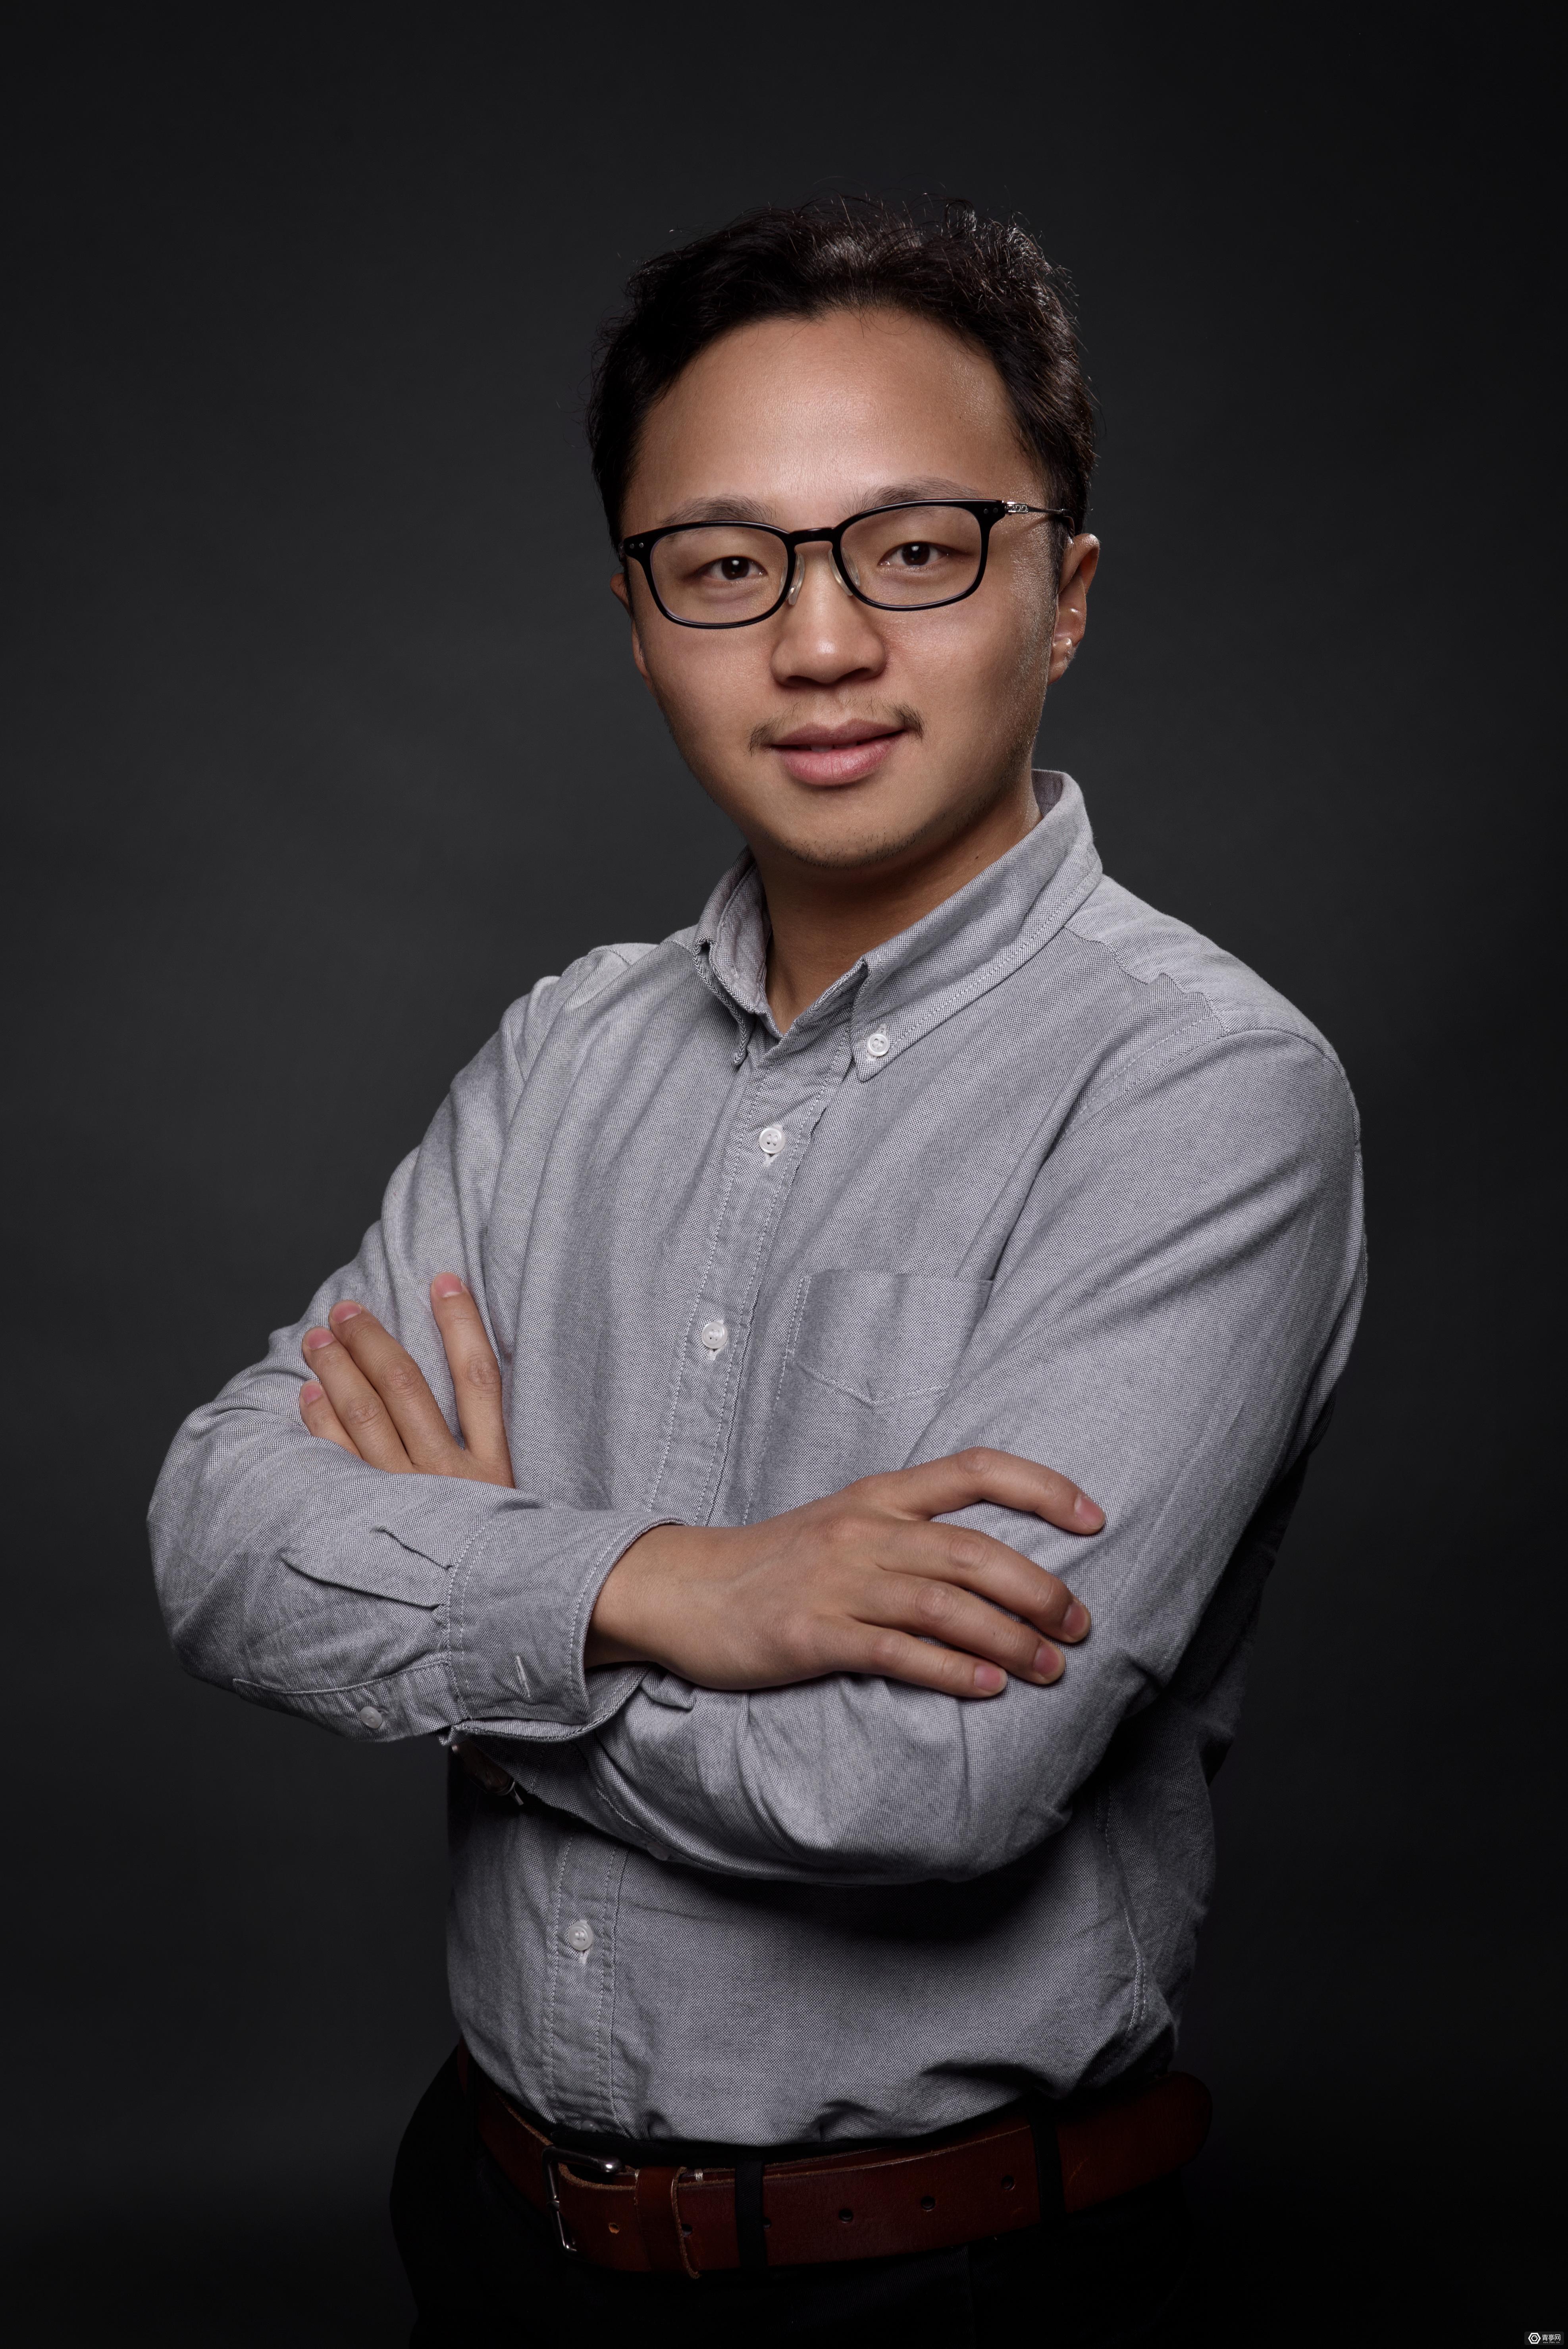 宋海涛博士  抬头:IDEALENS创始人 董事长